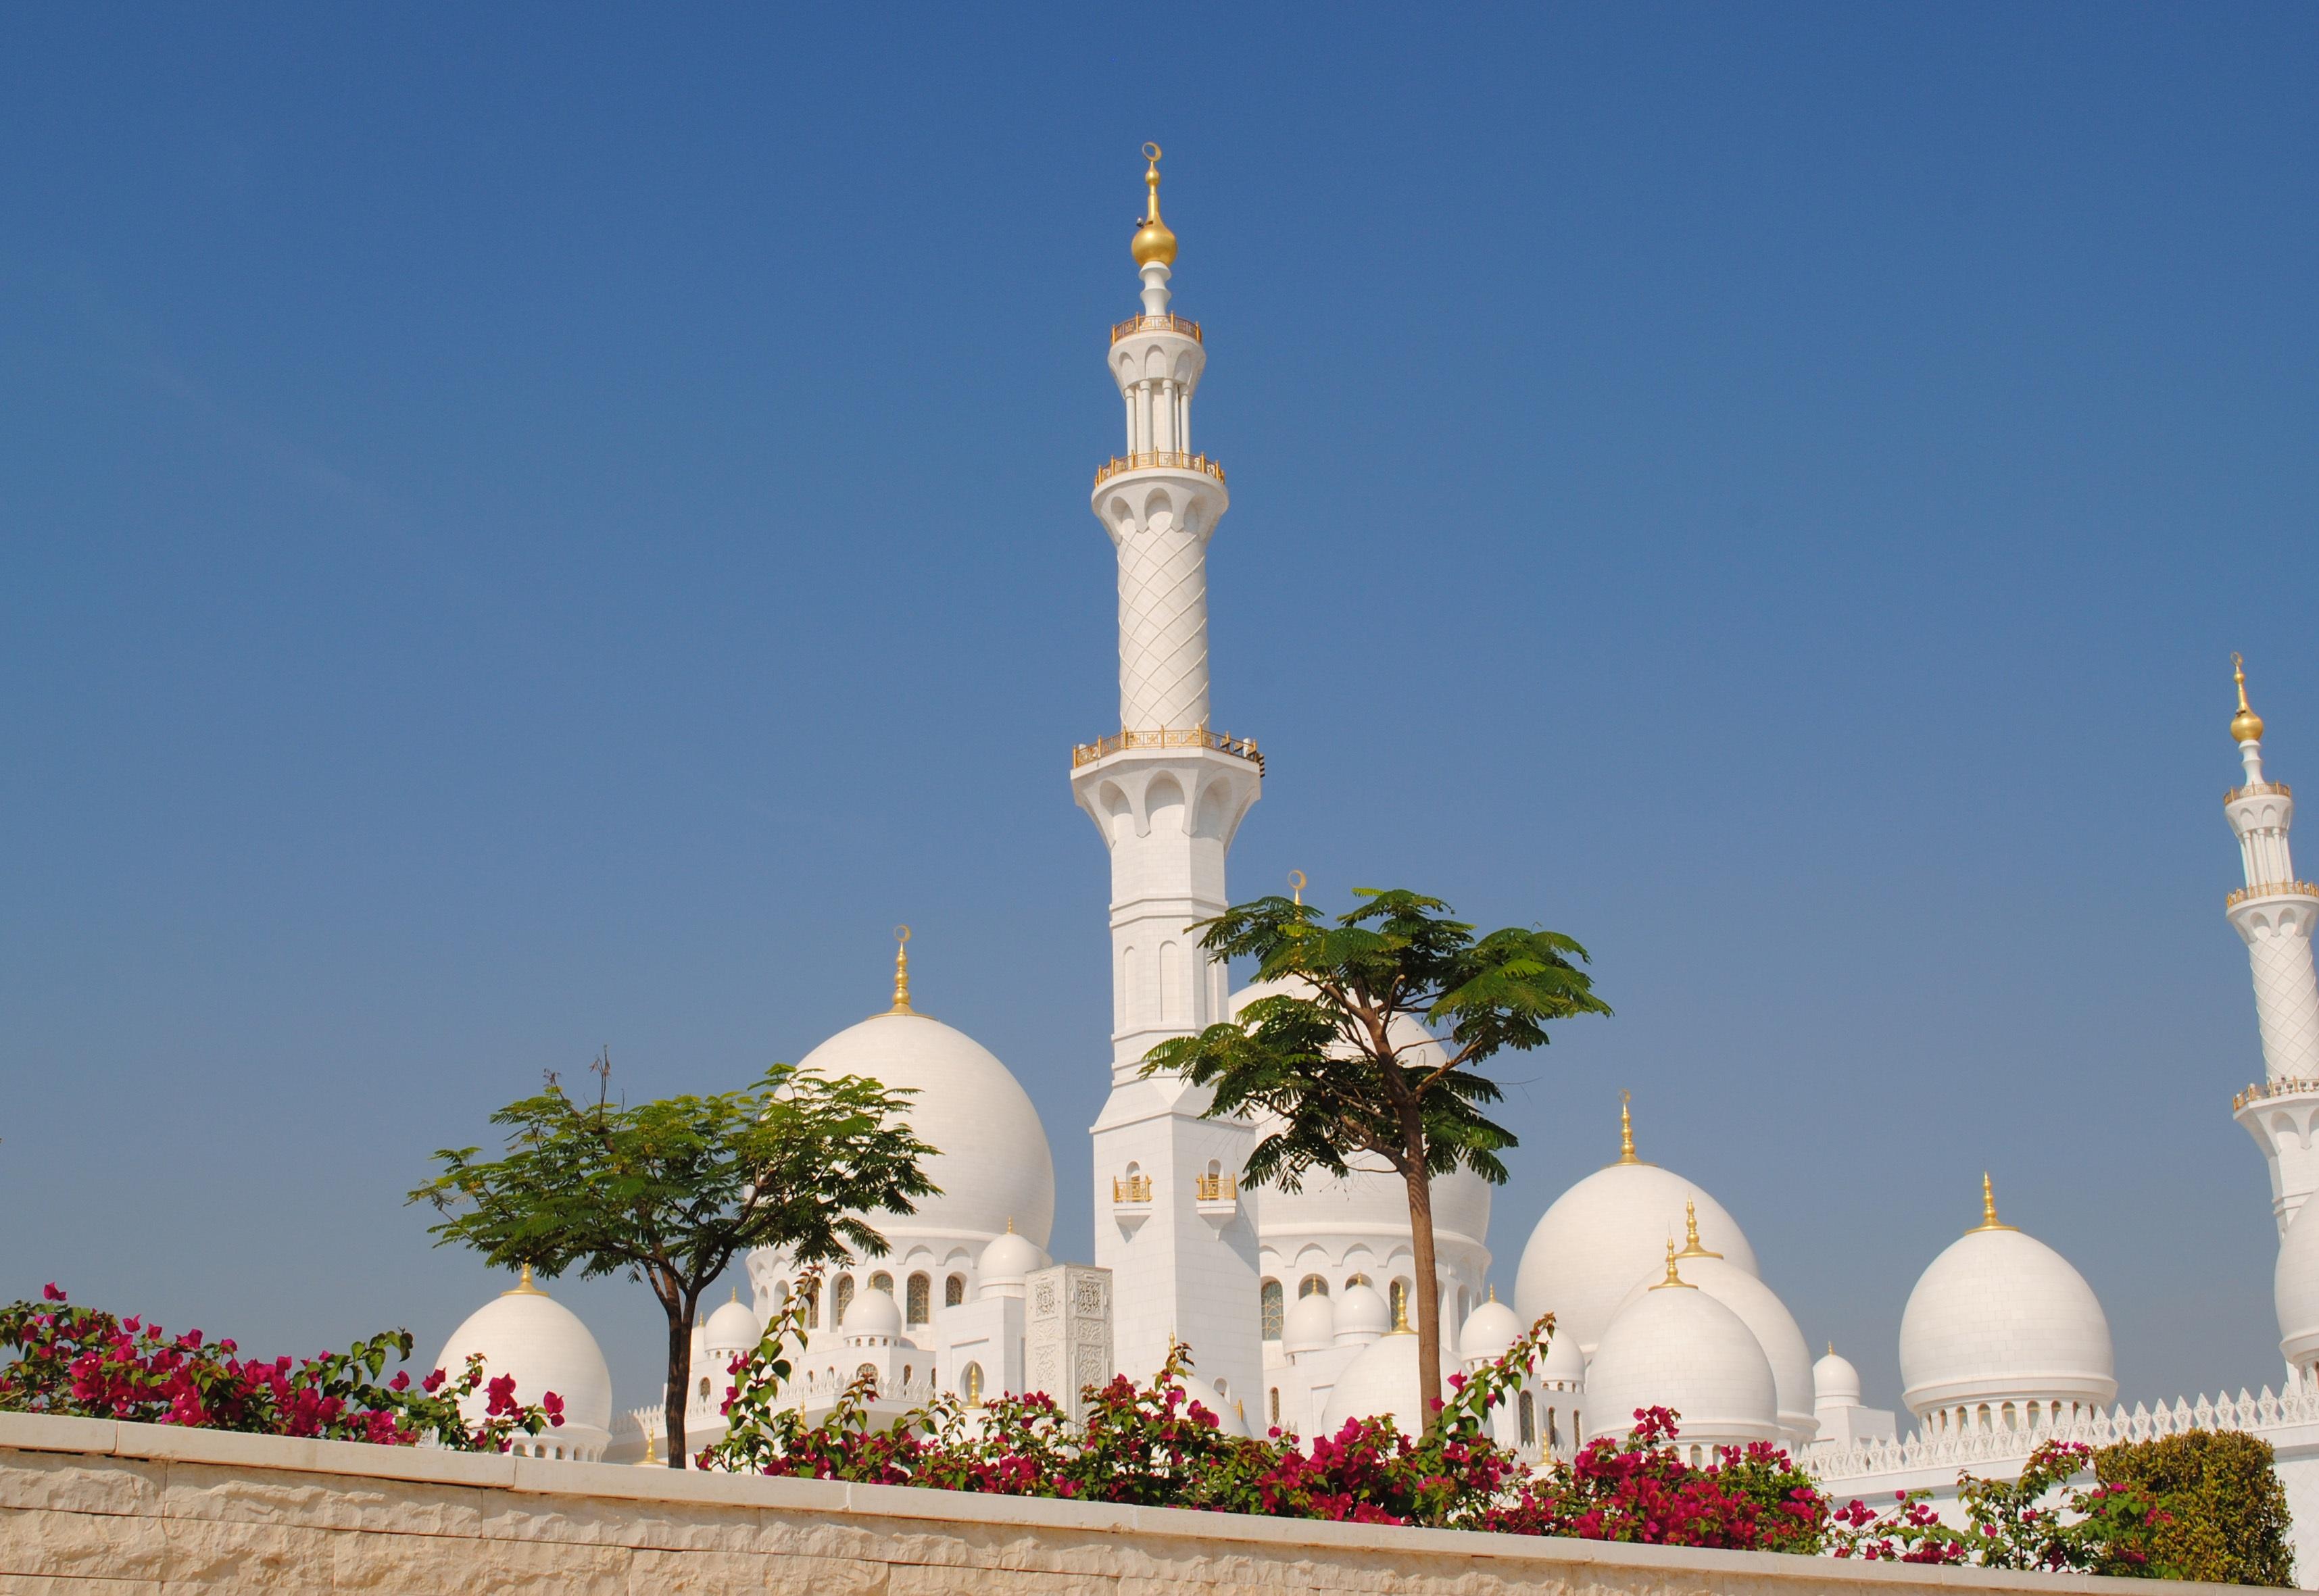 edificio monumento torre punto de referencia lugar de adoracin mezquita islam arbica orientar abu dhabi jeque